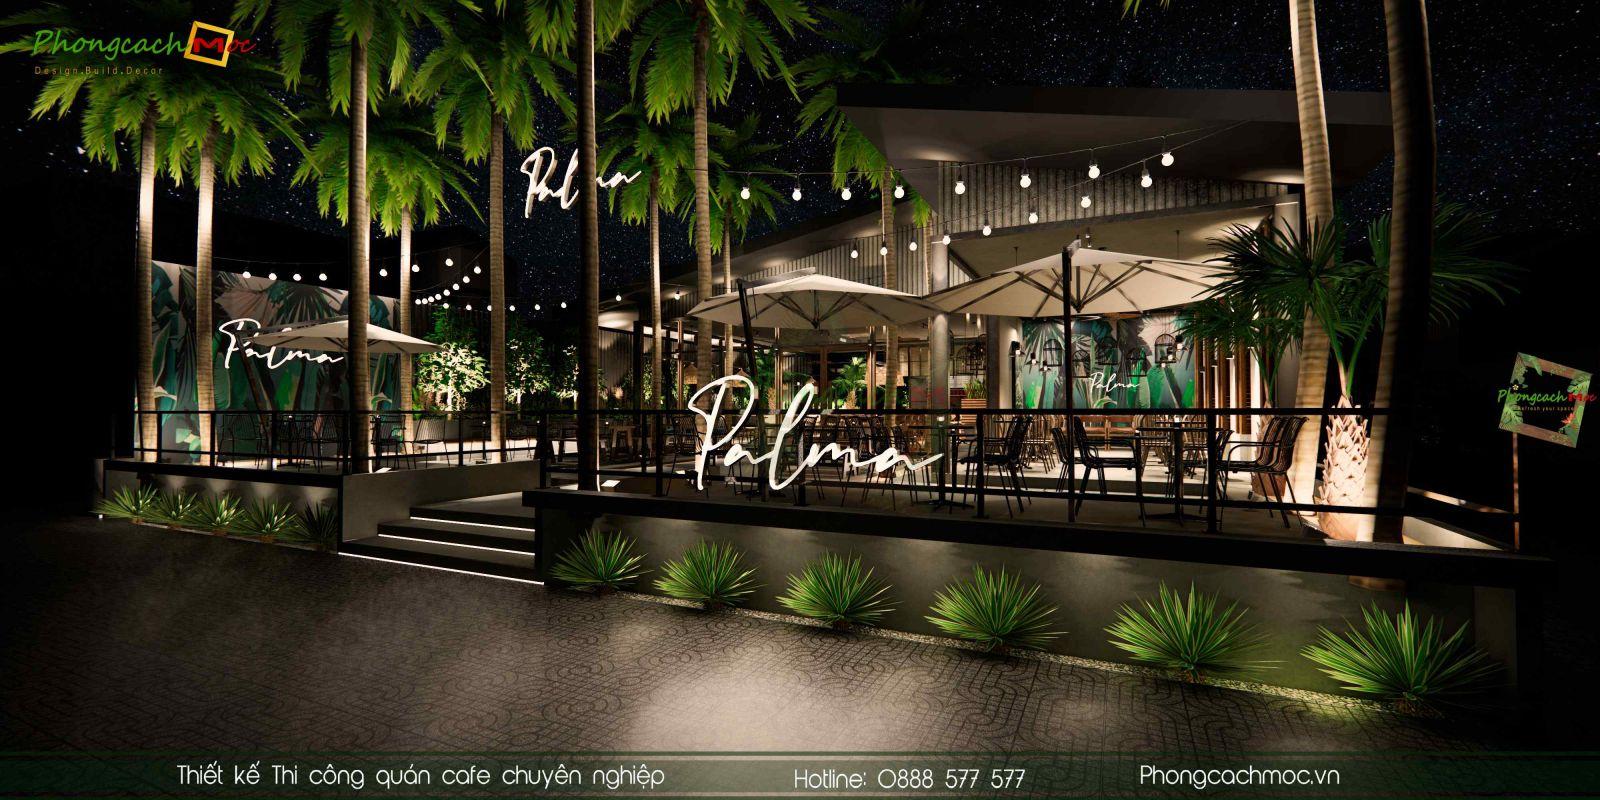 Thiết kế quán cafe hiện đại Palma